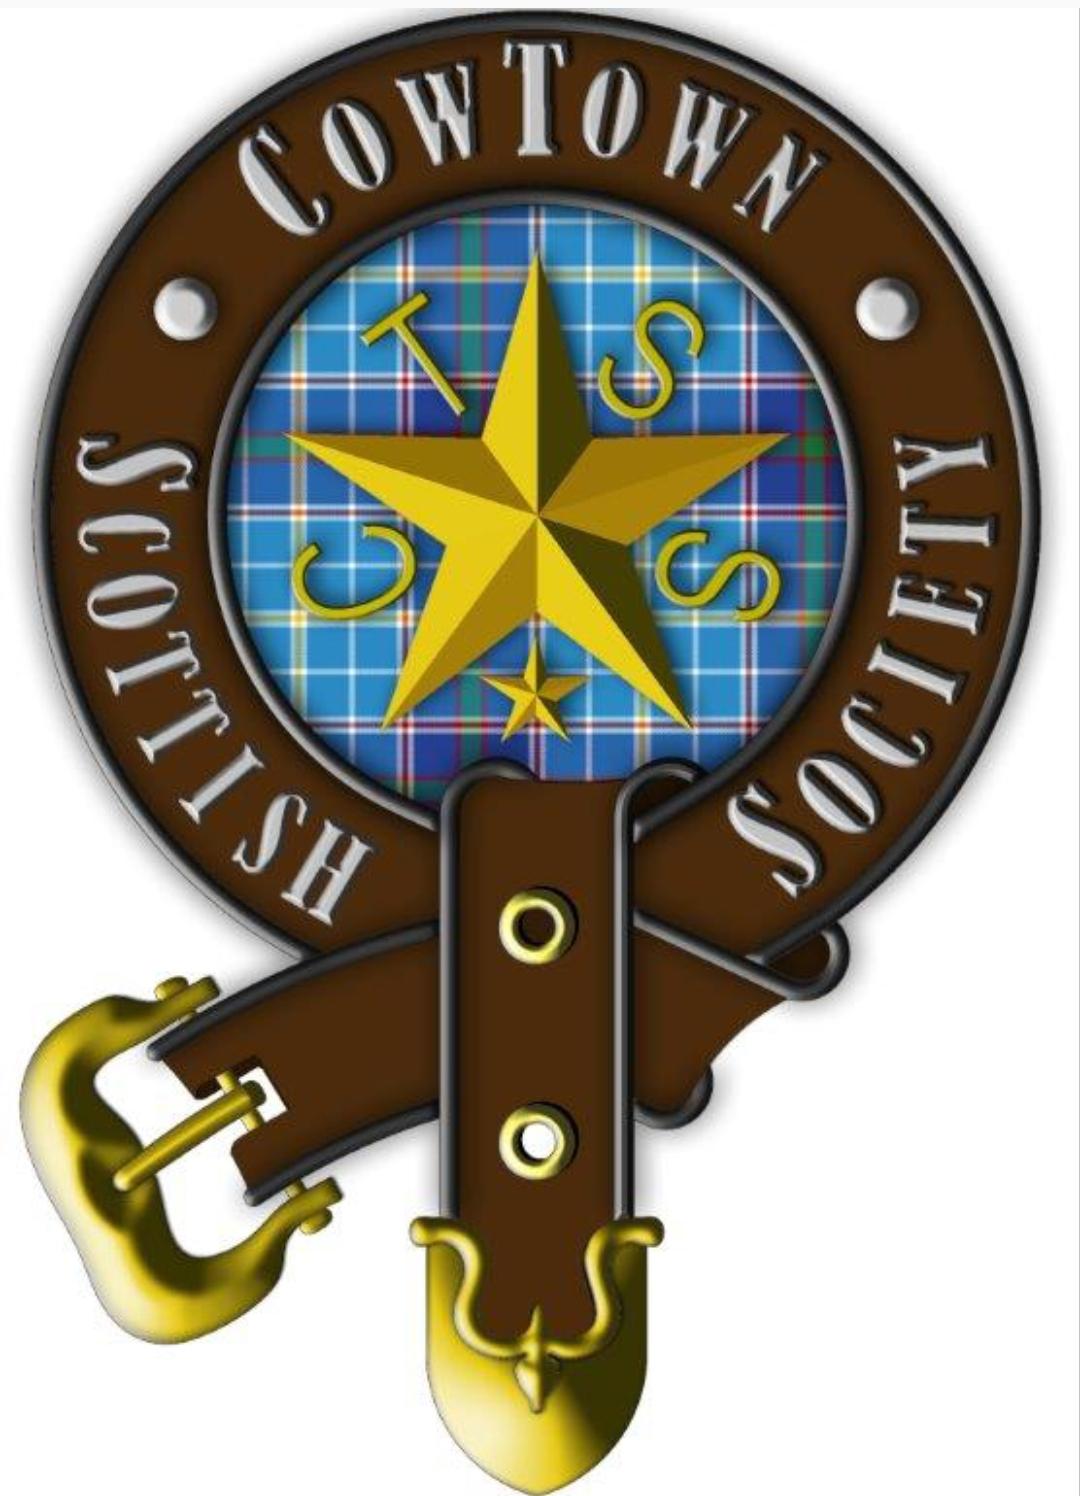 Cowtown Scottish Society Scotland Scots Irish Robert Burns